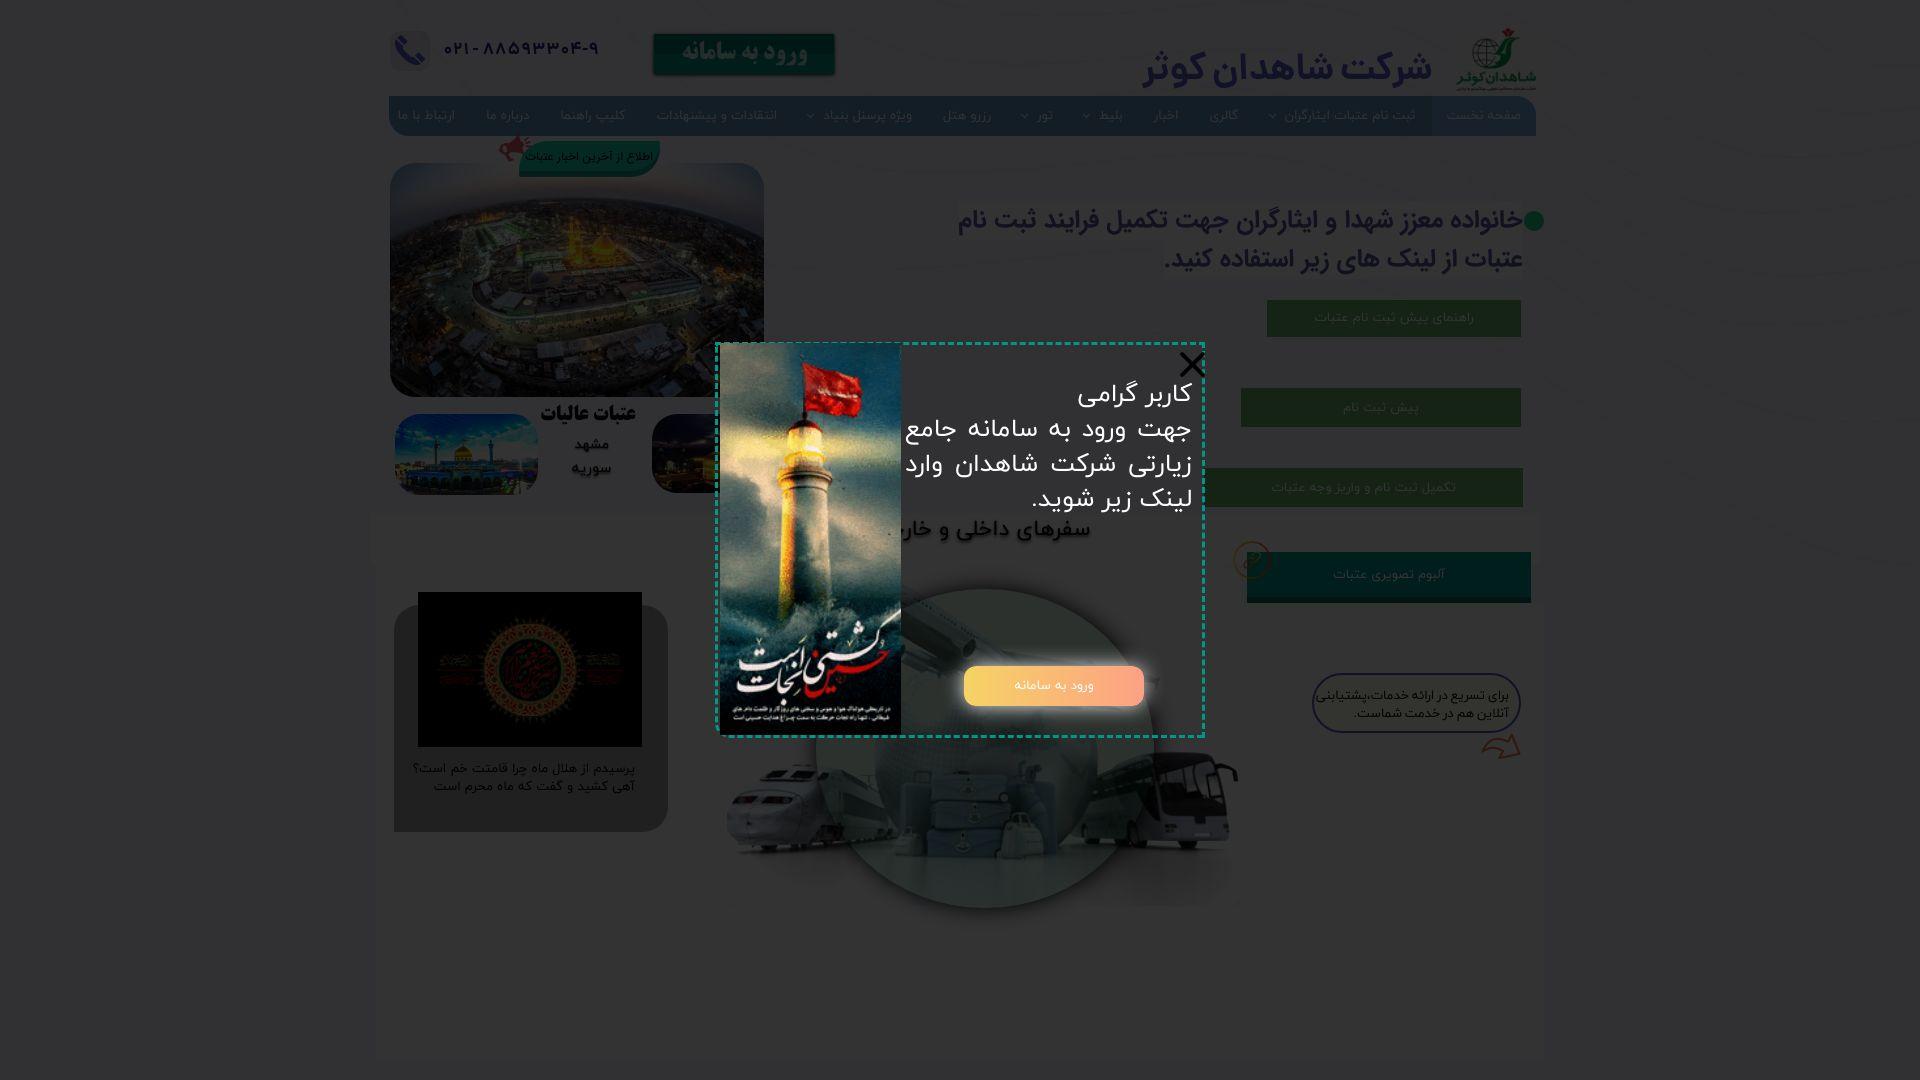 طراحی سیستم - طراحی سایت آژانس مسافرتی شاهدان کوثر